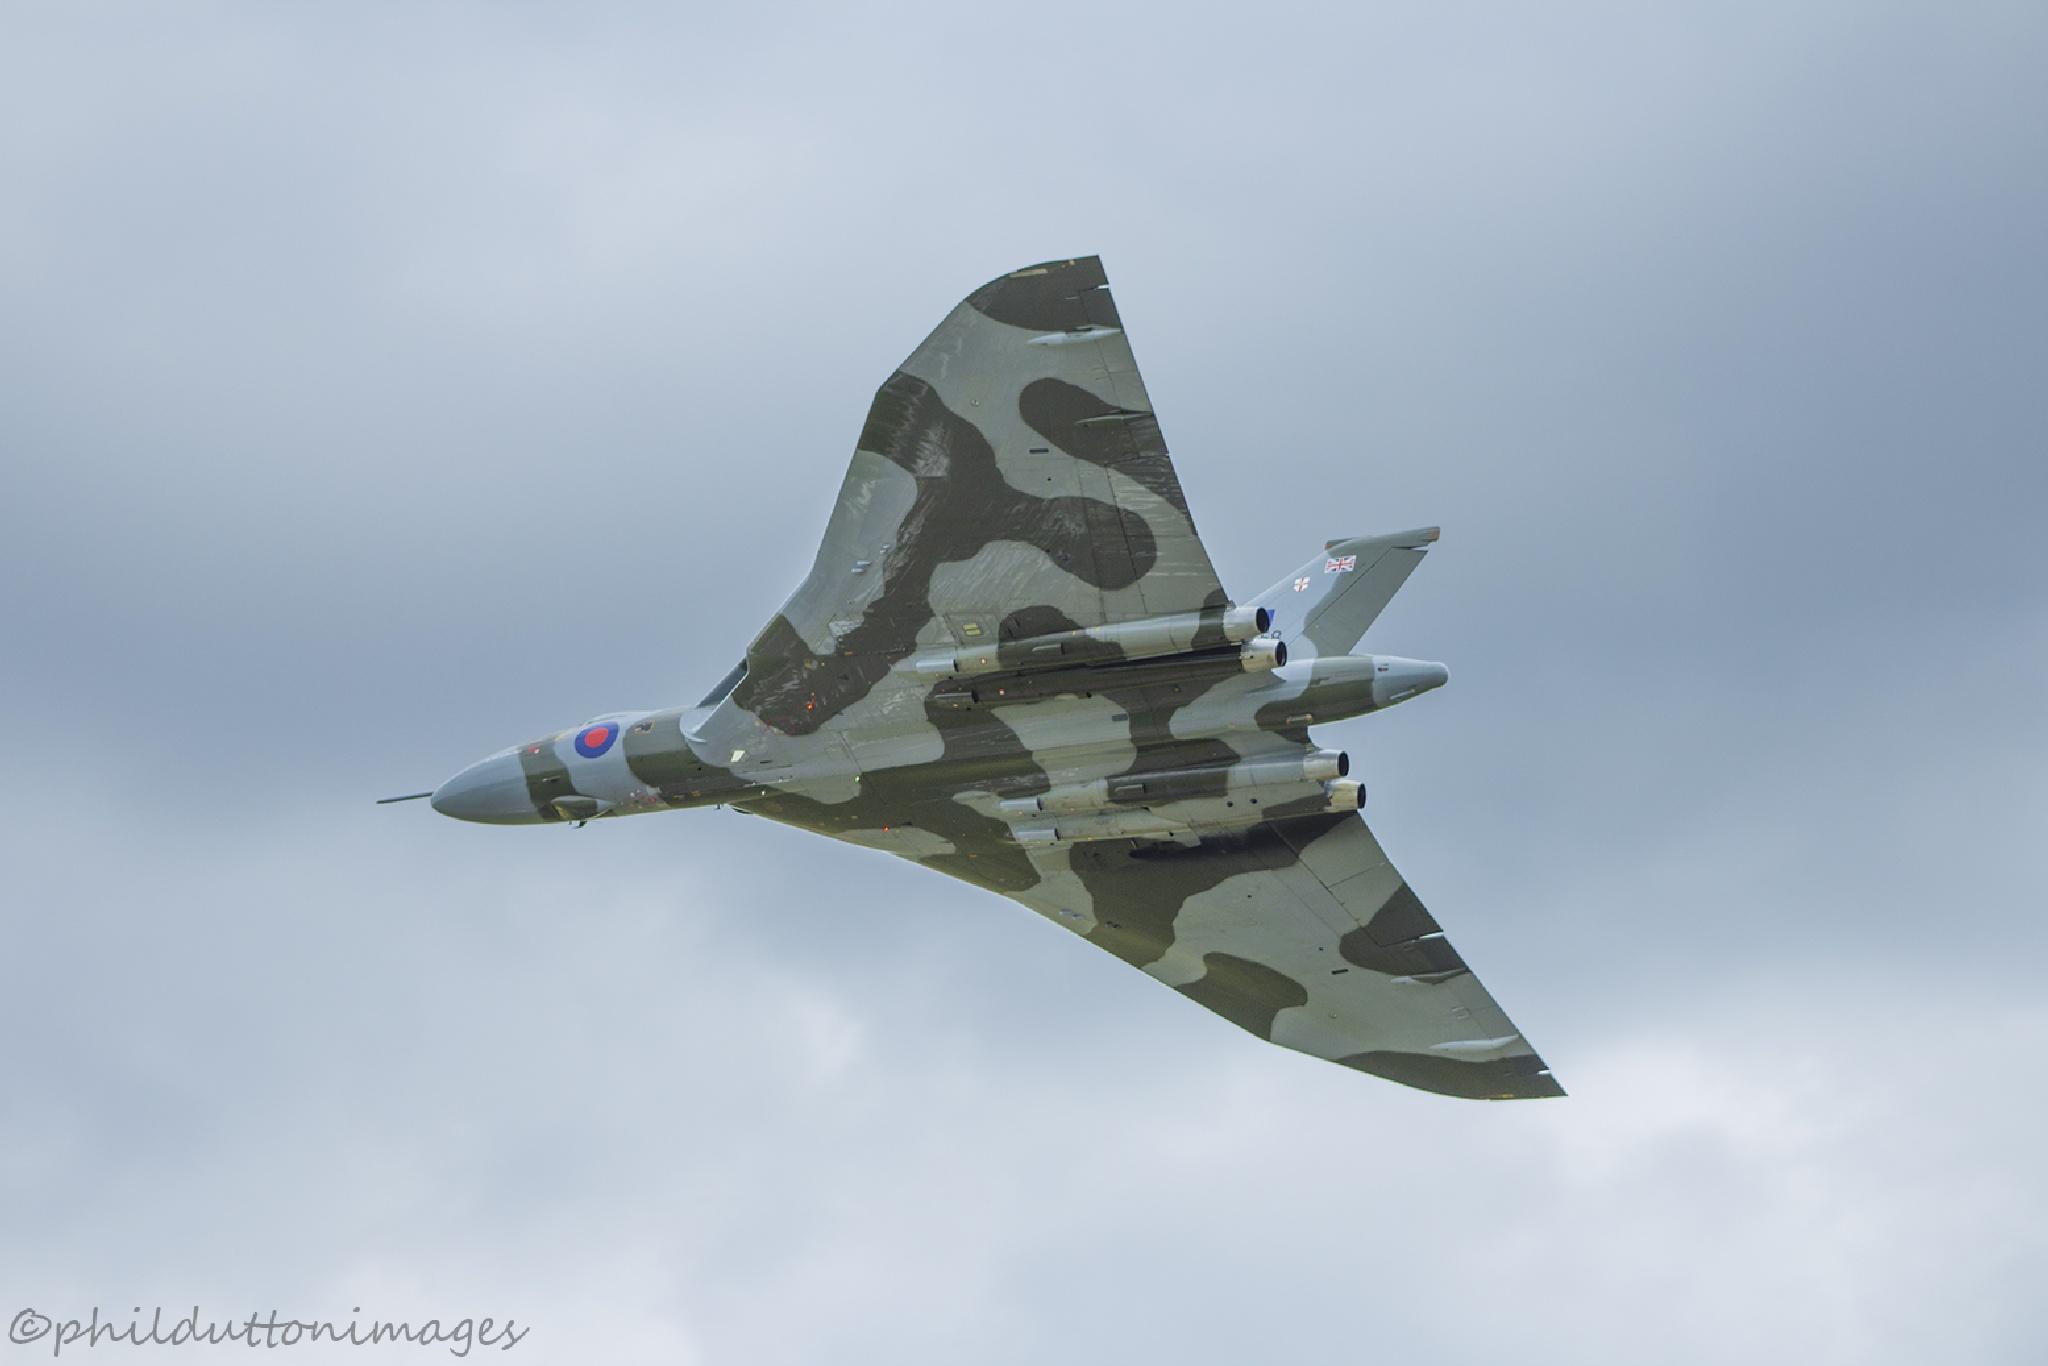 Vulcan Bomber by philldutton